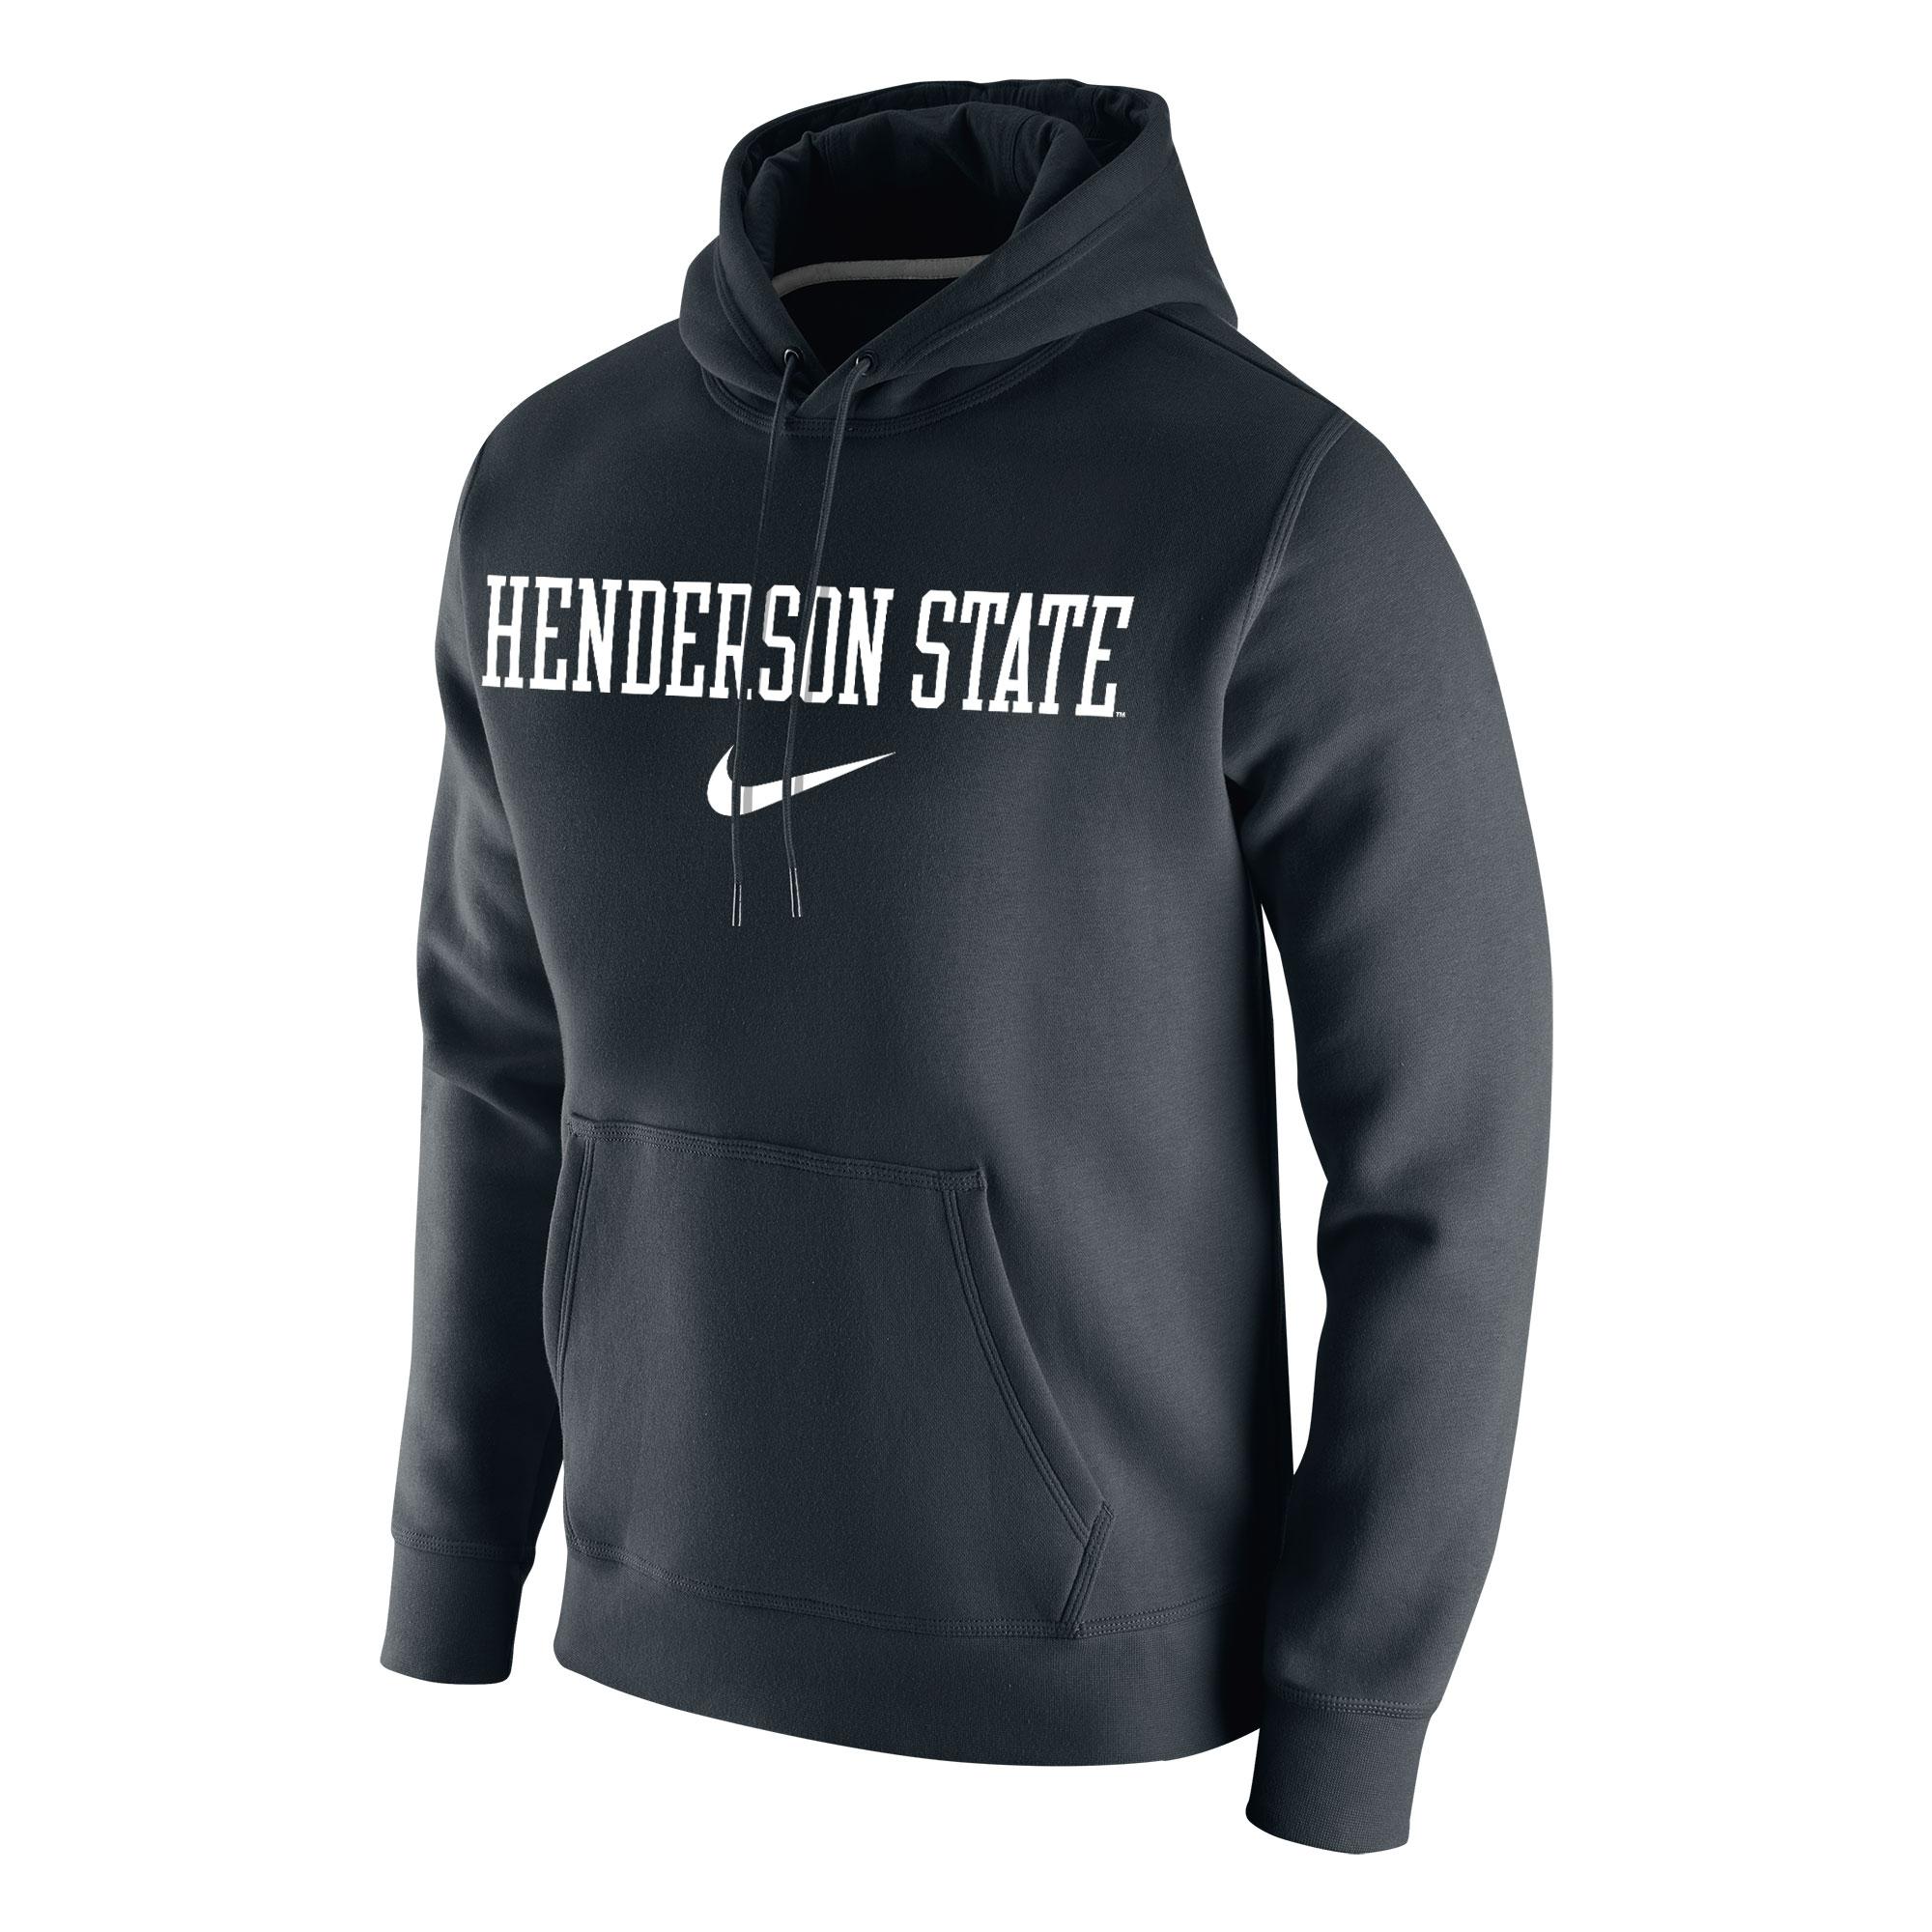 Henderson State Club Fleece Hoodie